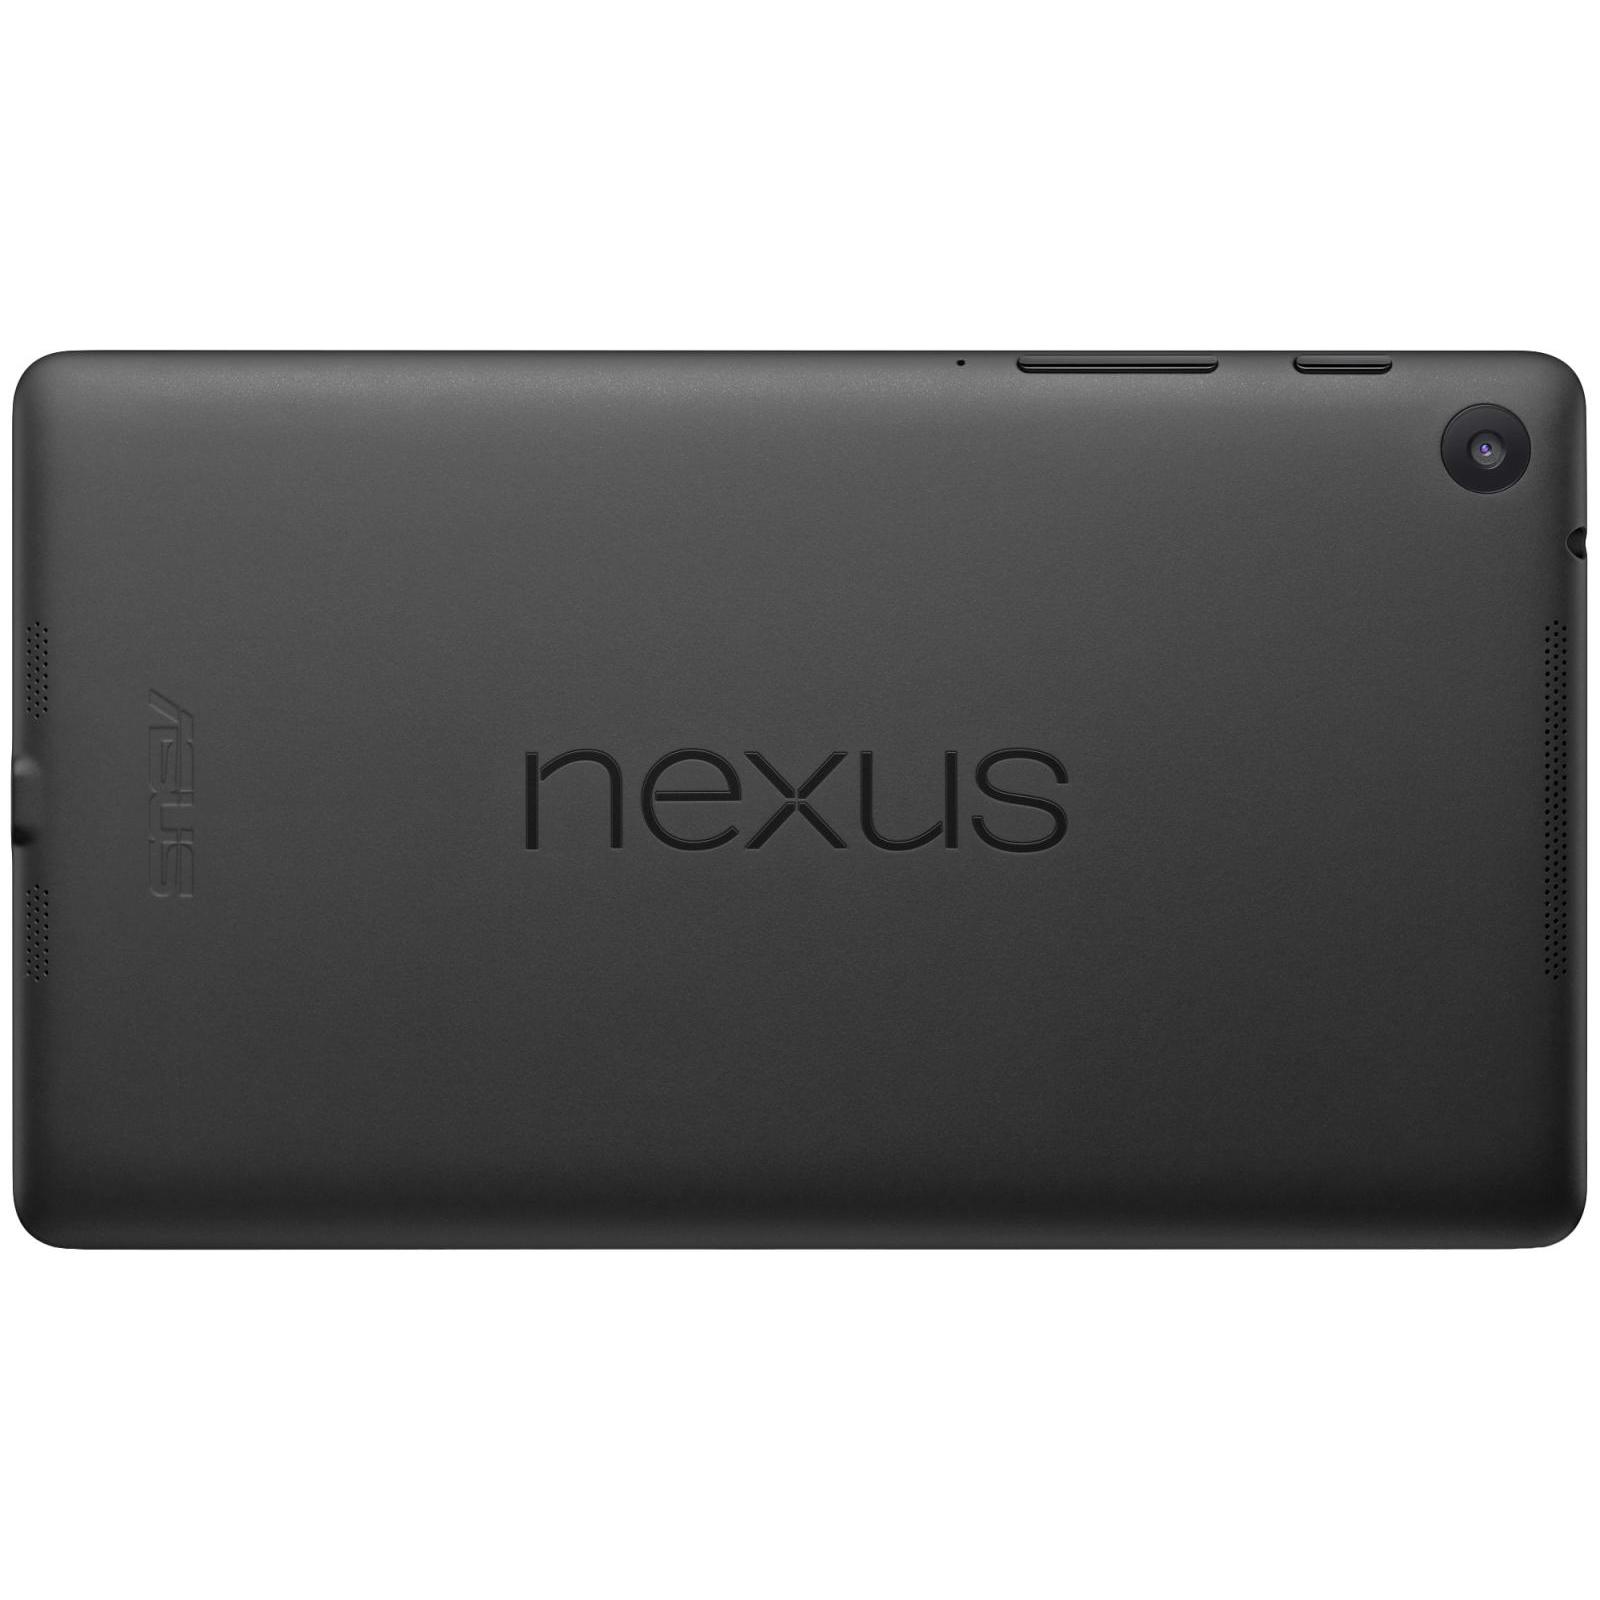 nexus 7 съемка видео инструкция